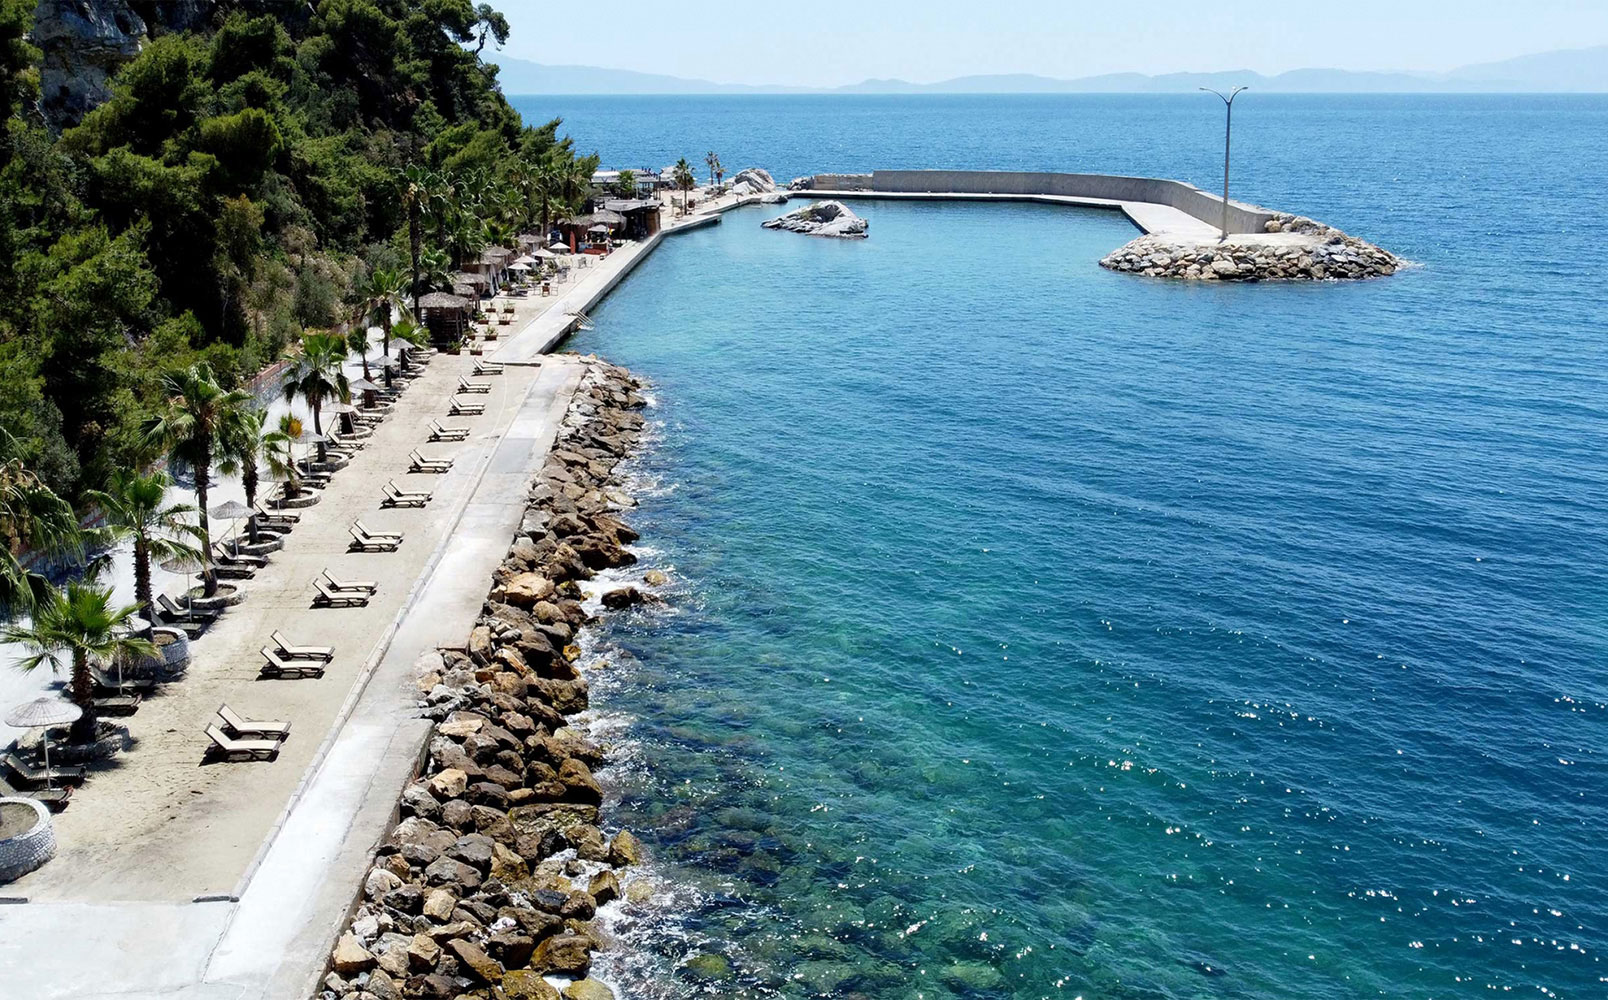 Marina - Pinebay.com